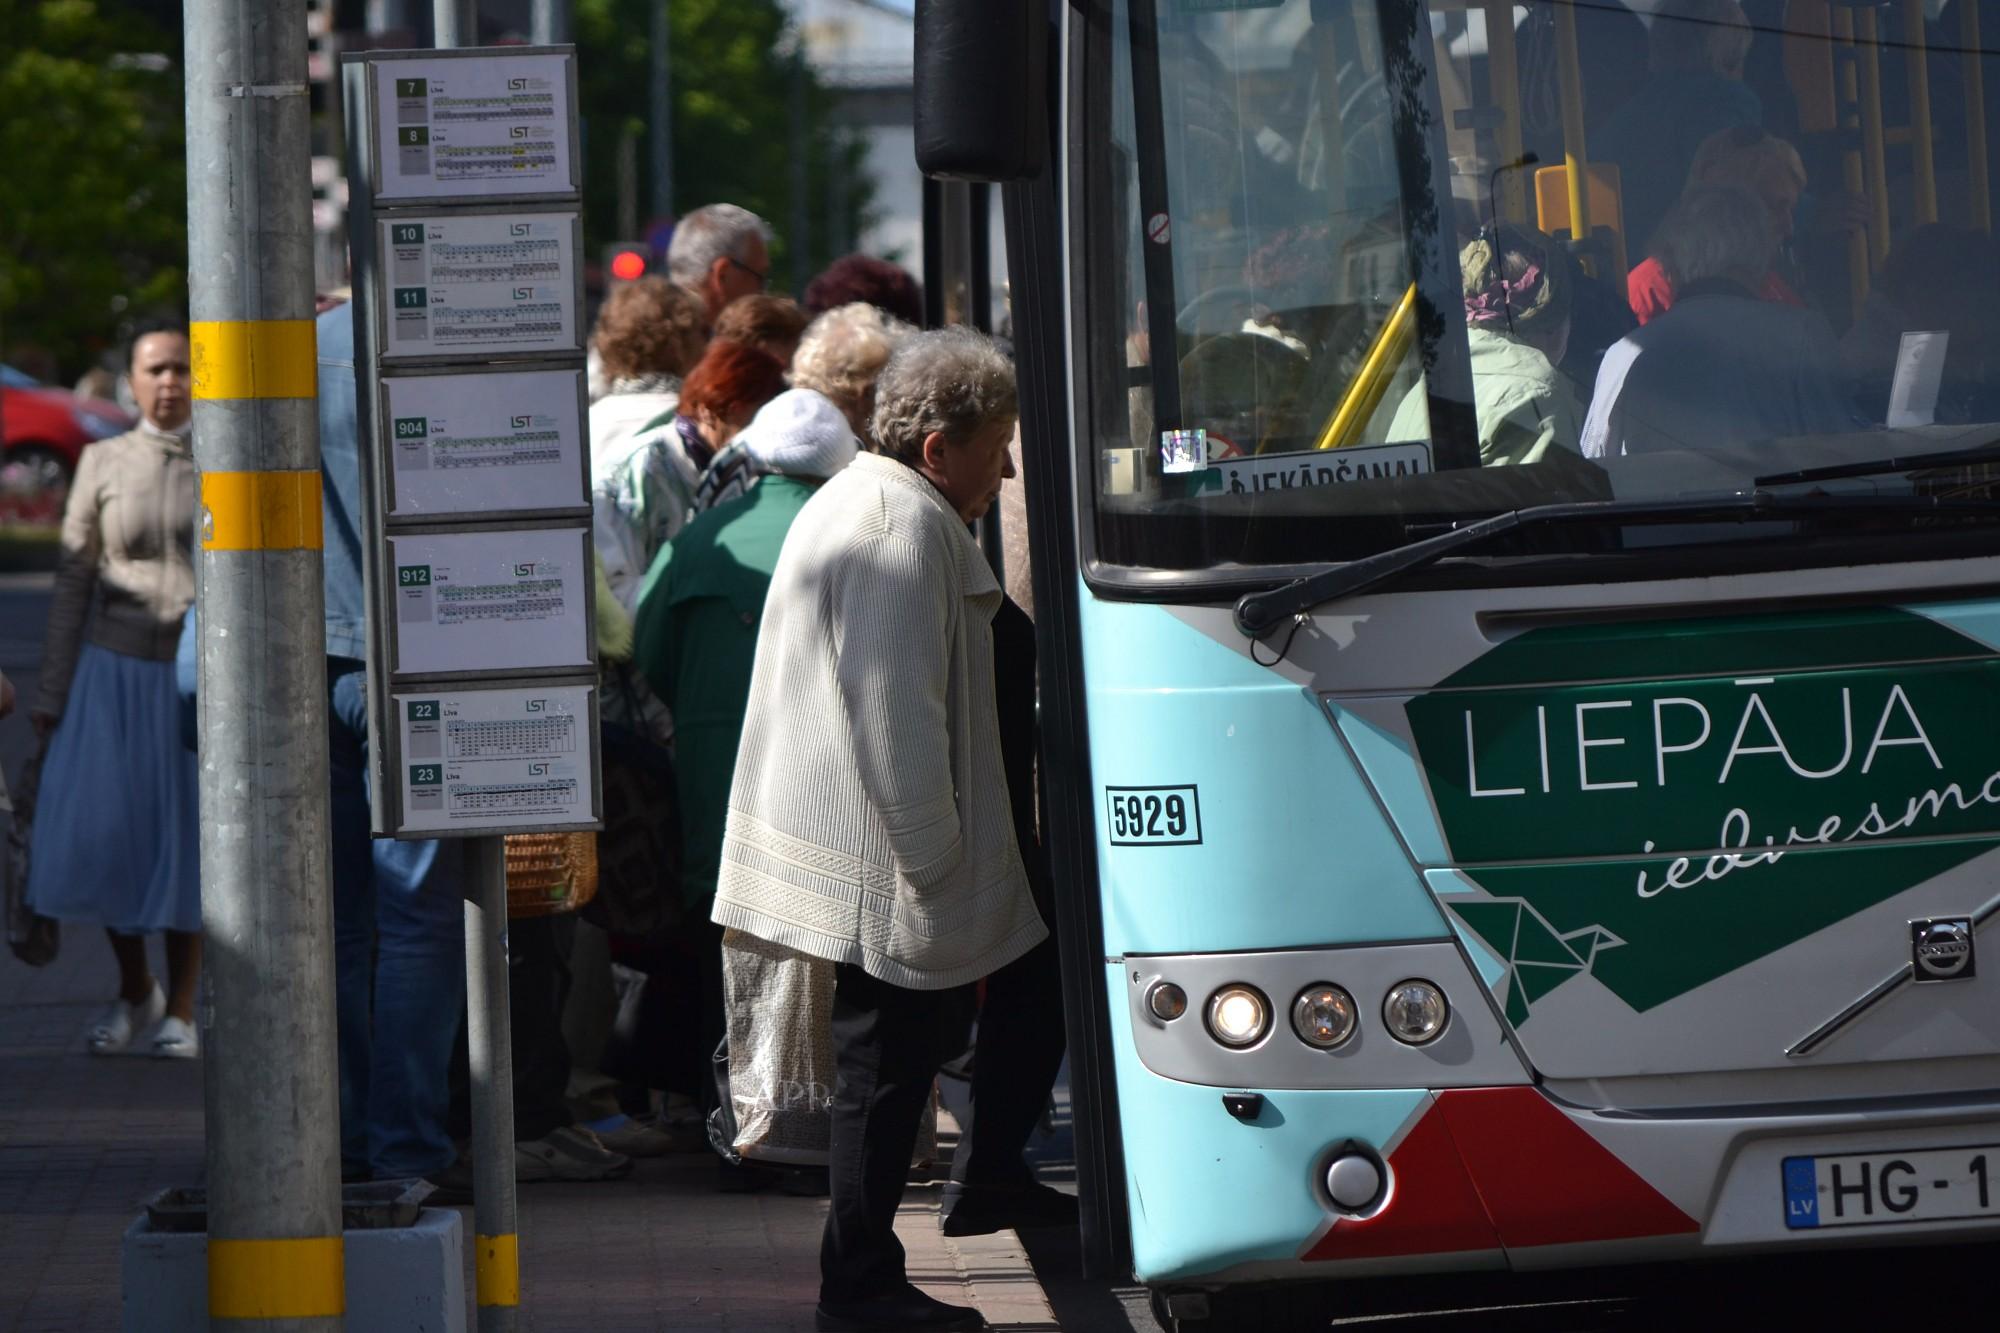 No jaunā gada reisus no Liepājas uz Grobiņu nodrošinās Autotransporta direkcija